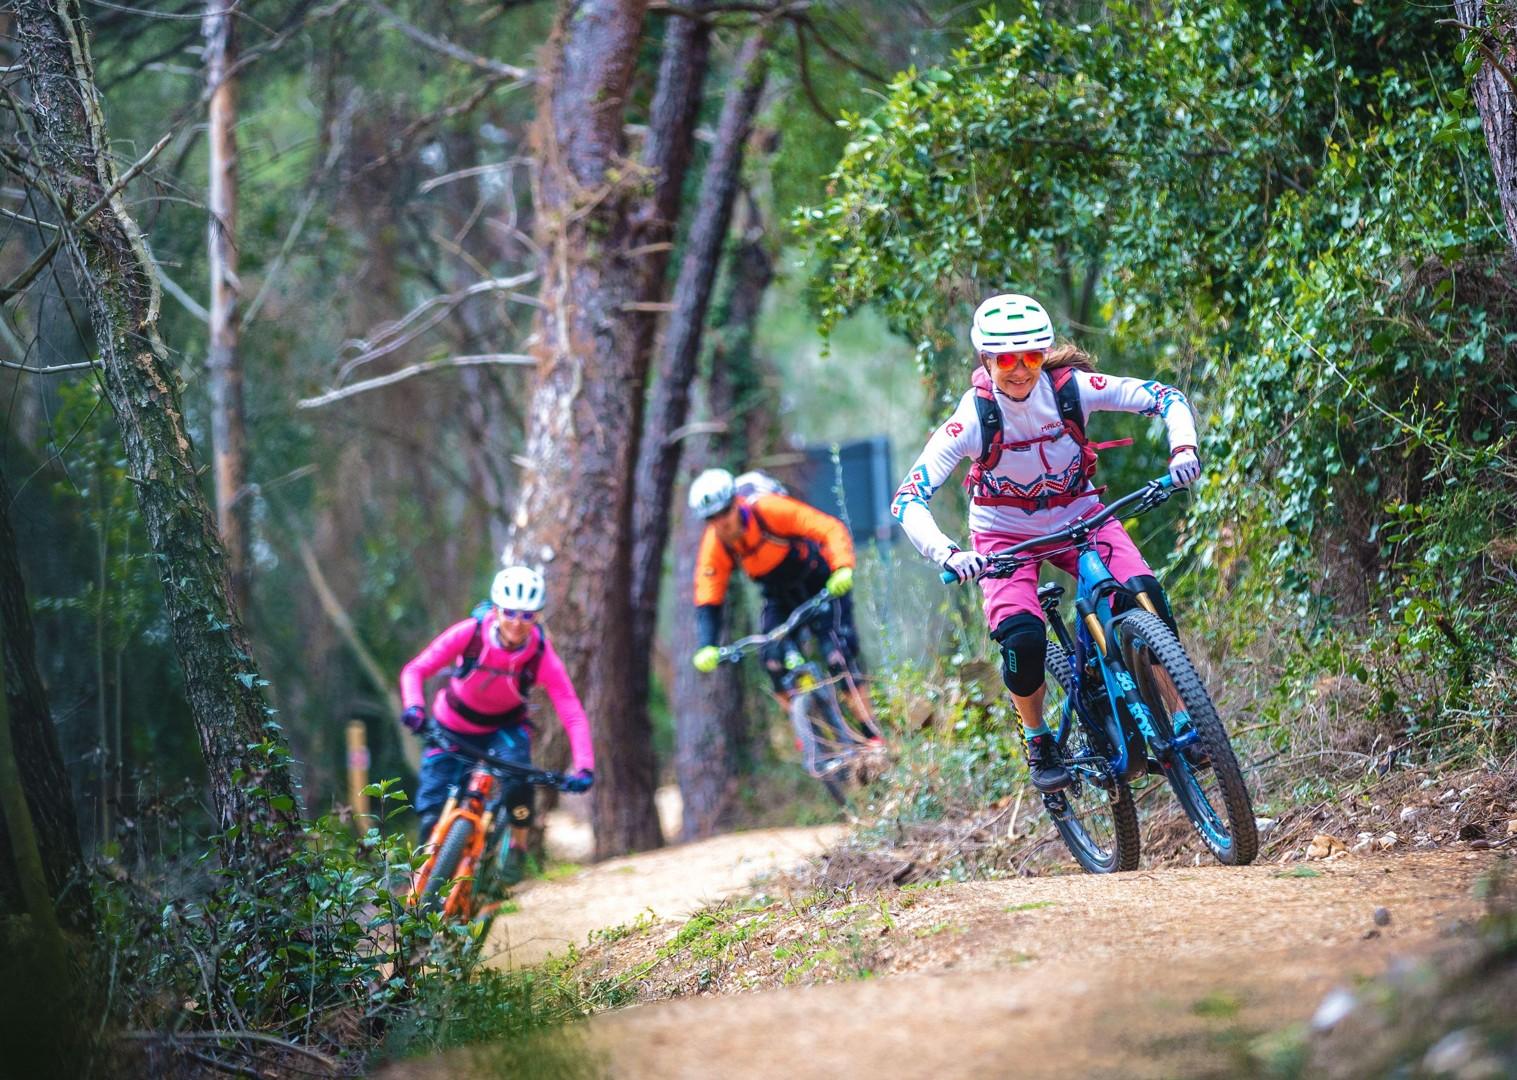 motovun-electric-mountain-bike-tour-in-croatia-terra-magica-skedaddle.jpg - NEW! Croatia - Terra Magica - eMTB - Mountain Biking